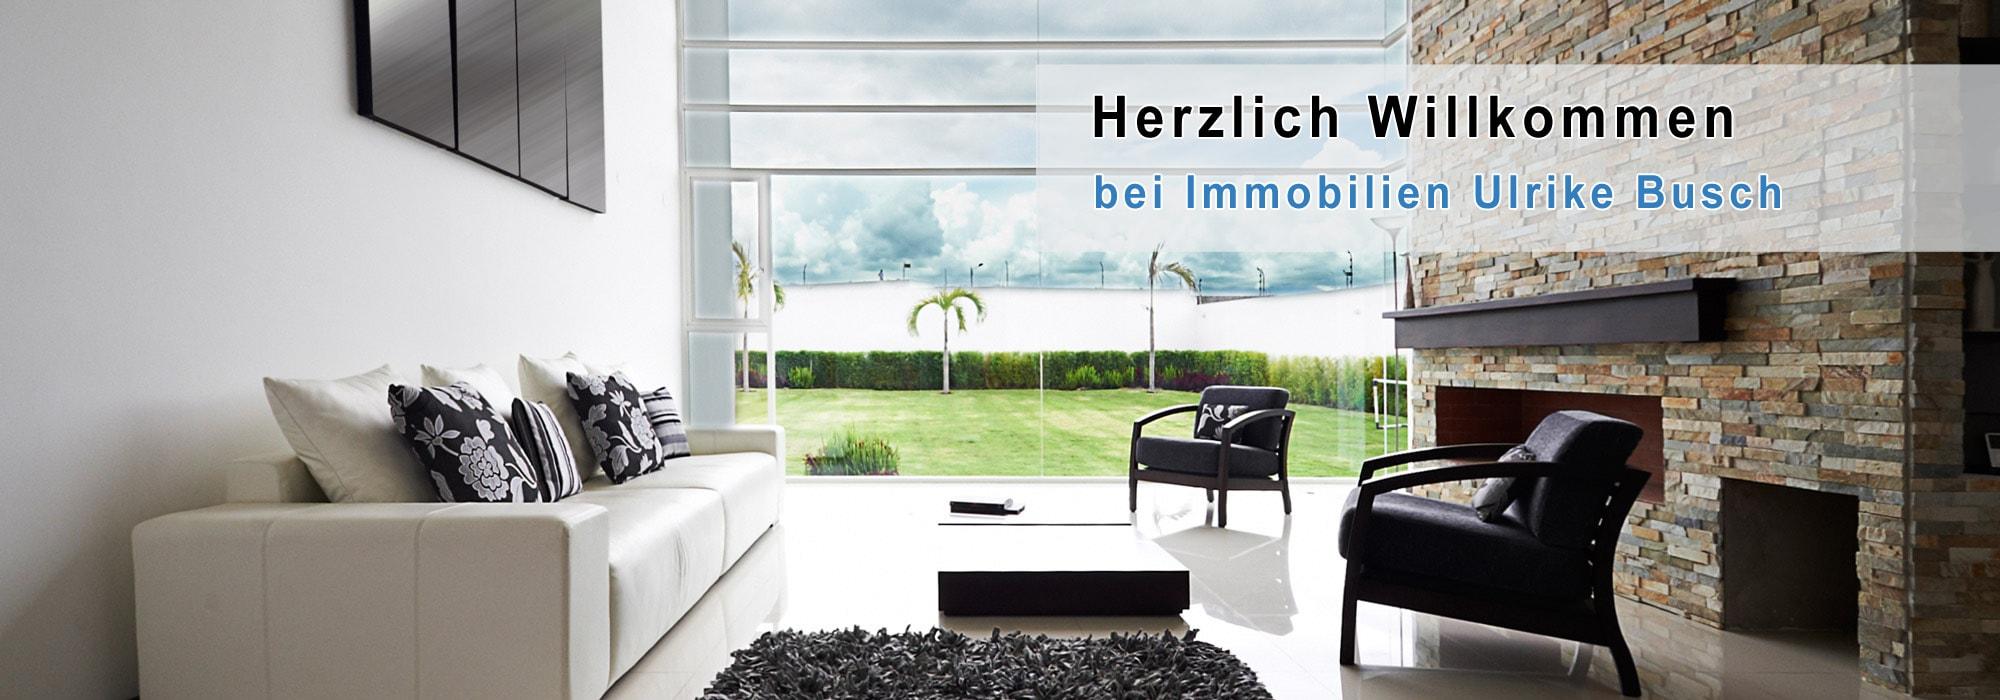 Header Ulrike Busch Immobilien Mönchengladbach